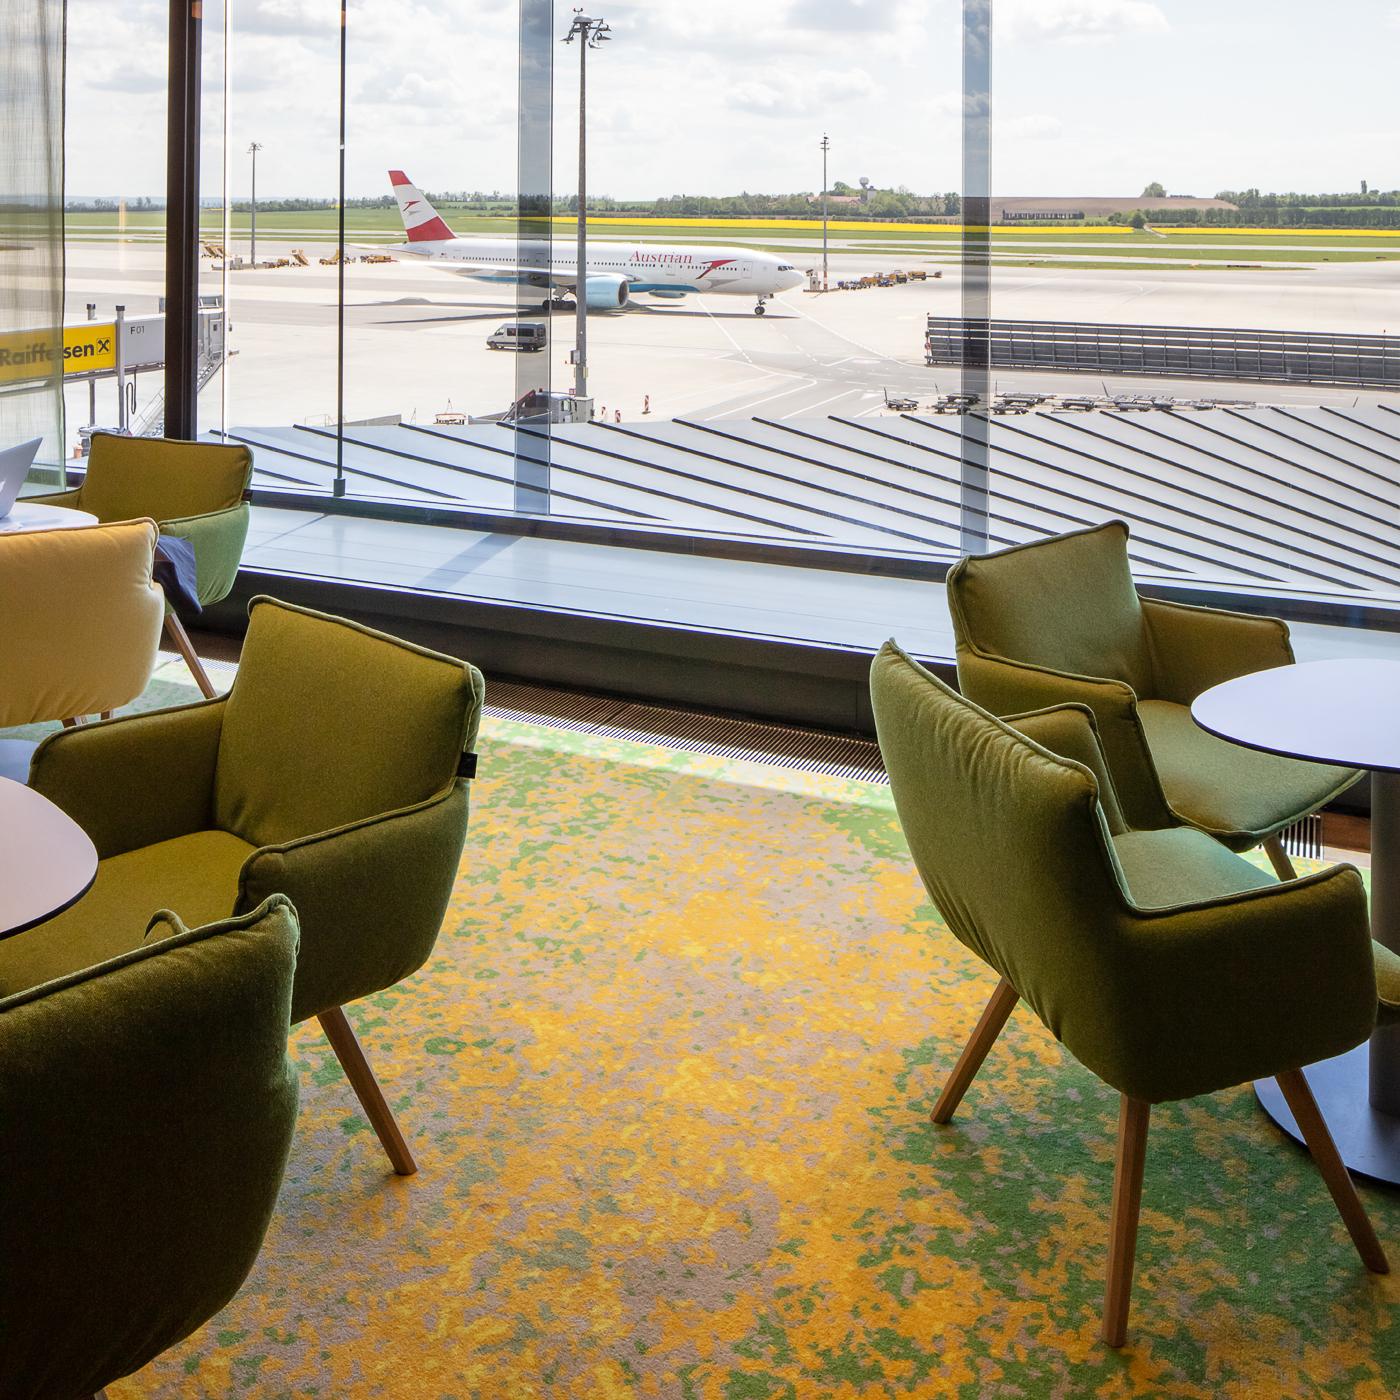 AUA Lounge, Axminster